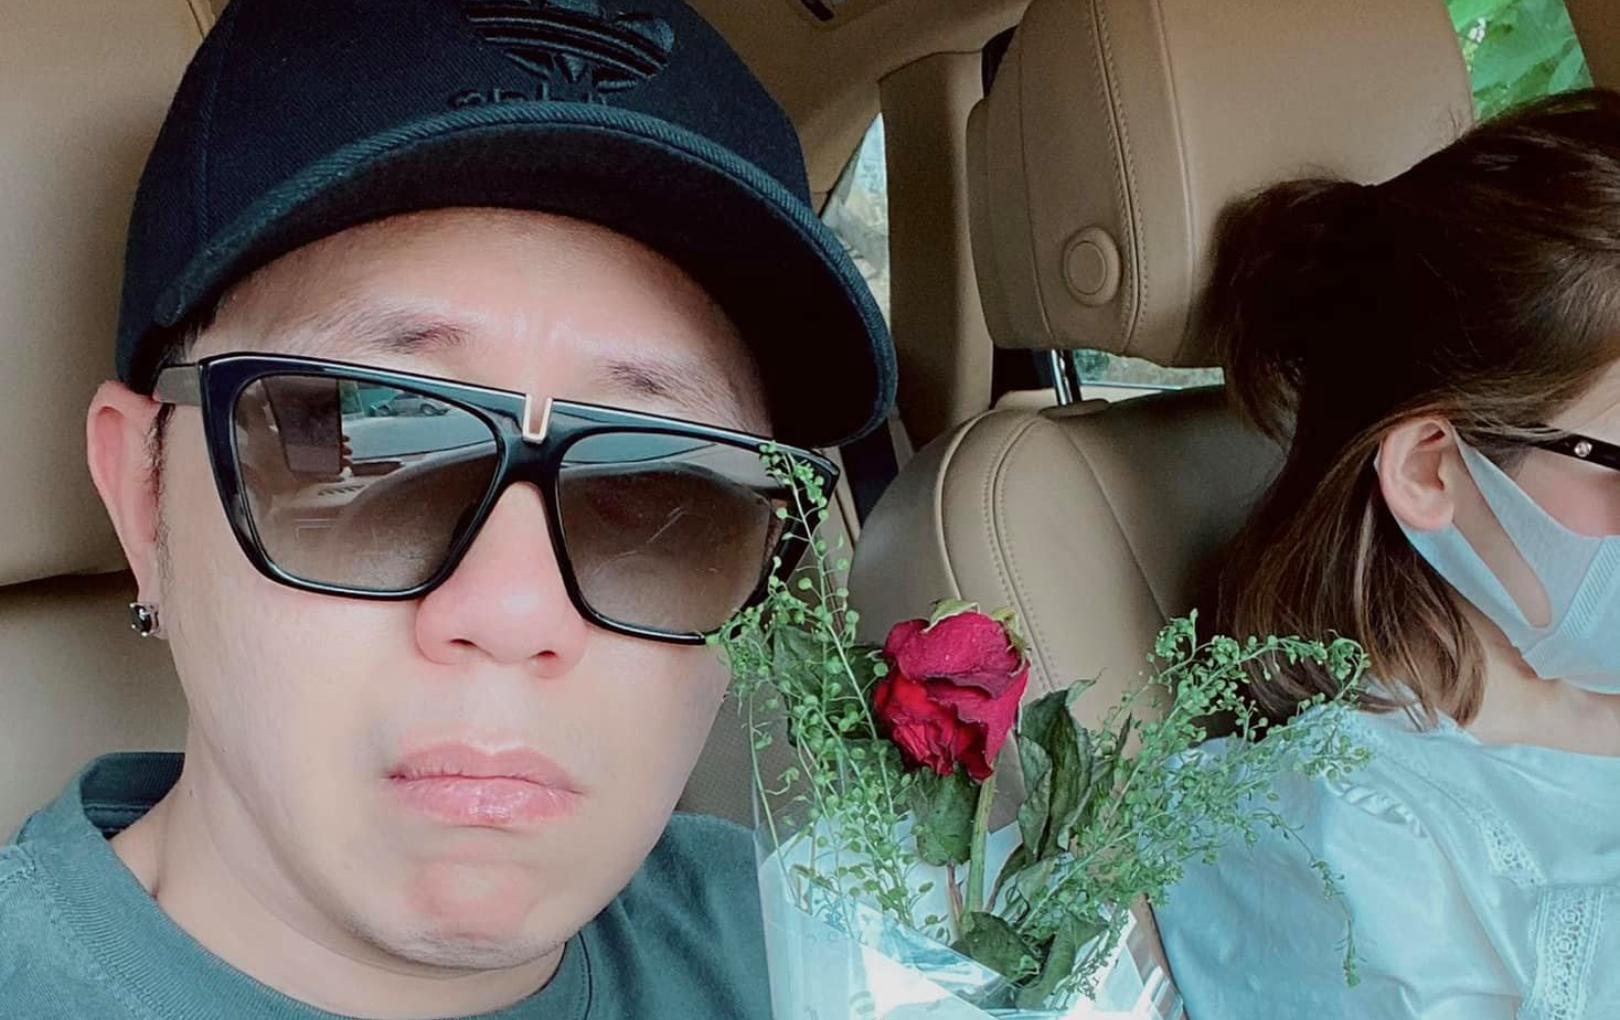 Anh Đức khoe ảnh lãng mạn bên bạn gái nhân ngày 8/3, tiết lộ sự cố dở khóc dở cười khi tặng hoa cho nàng